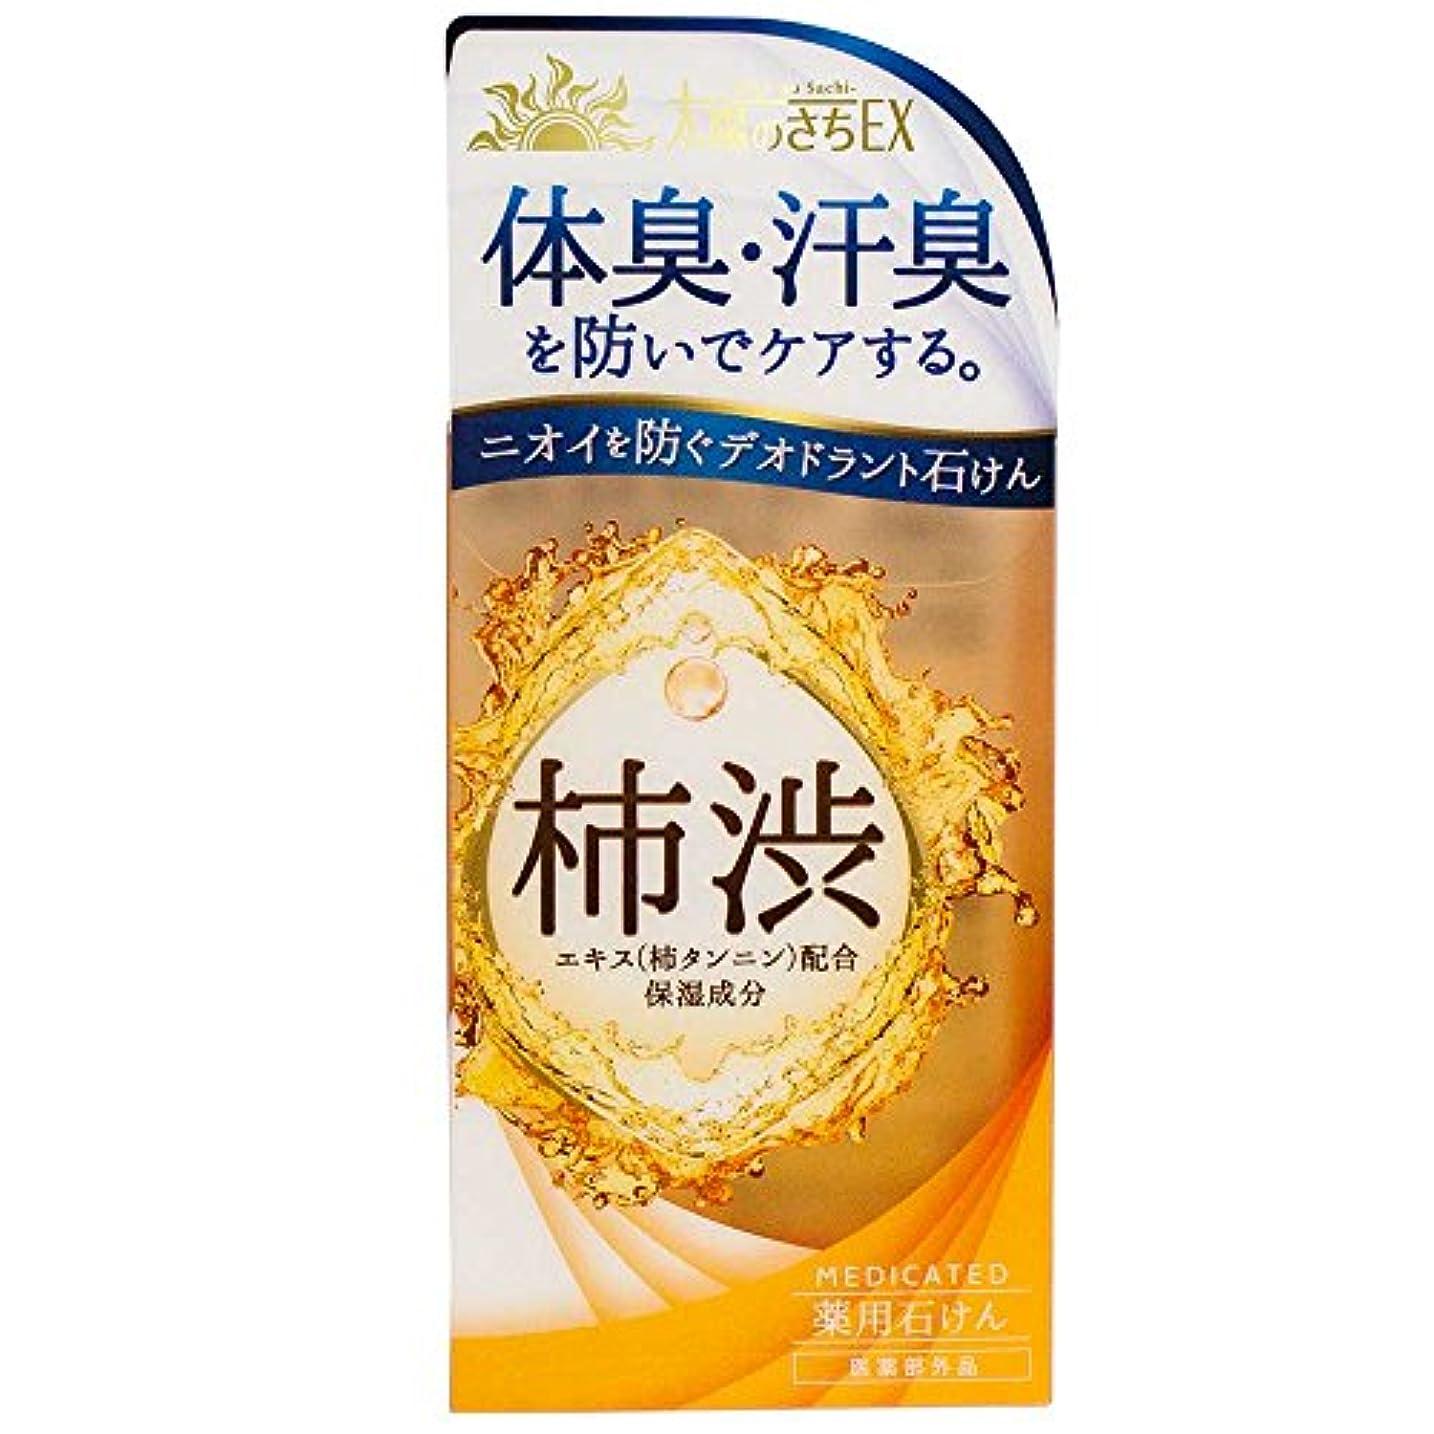 薬用太陽のさちEX 柿渋石けん 120g